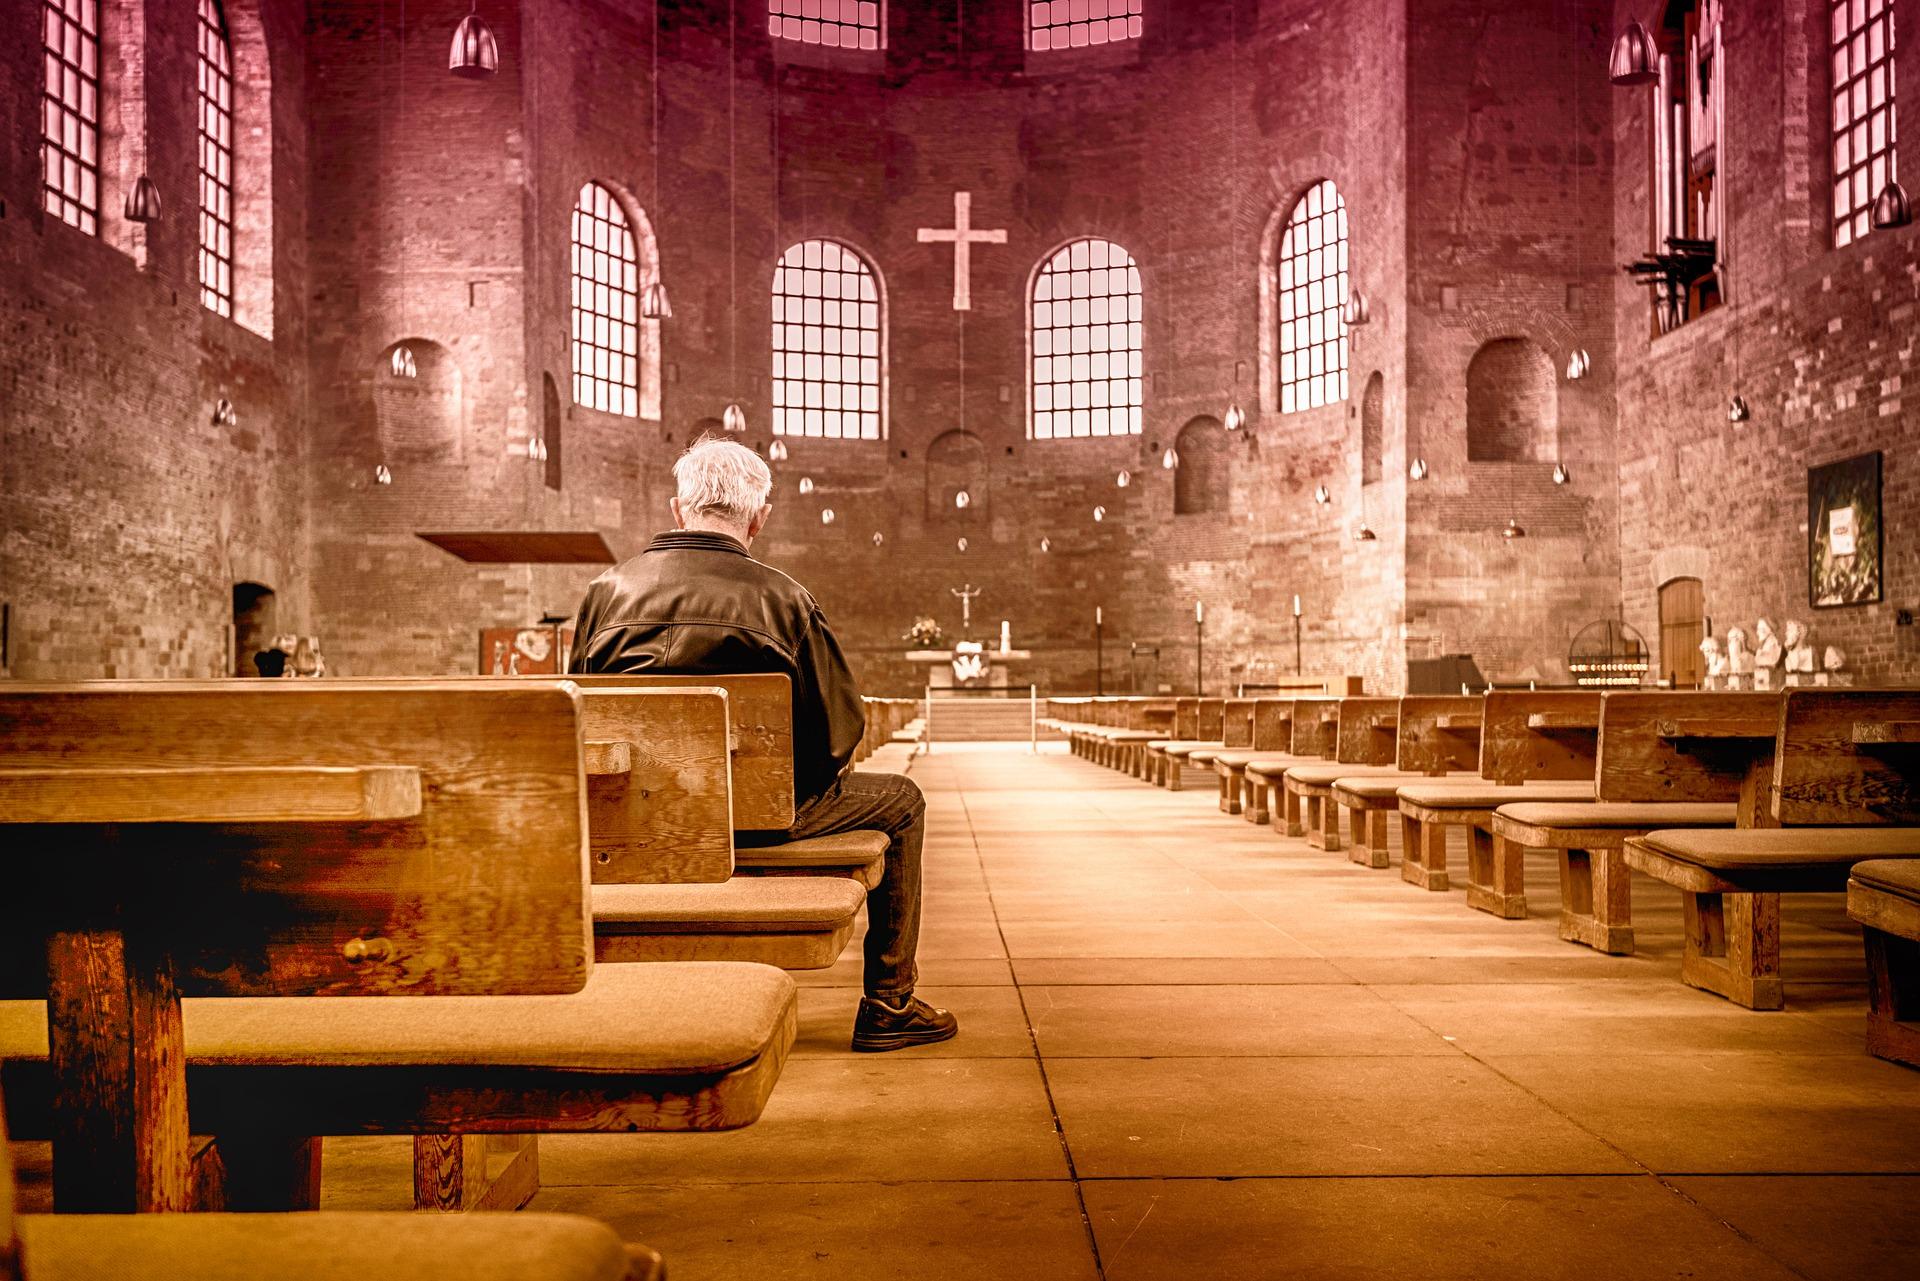 church-2464883_1920